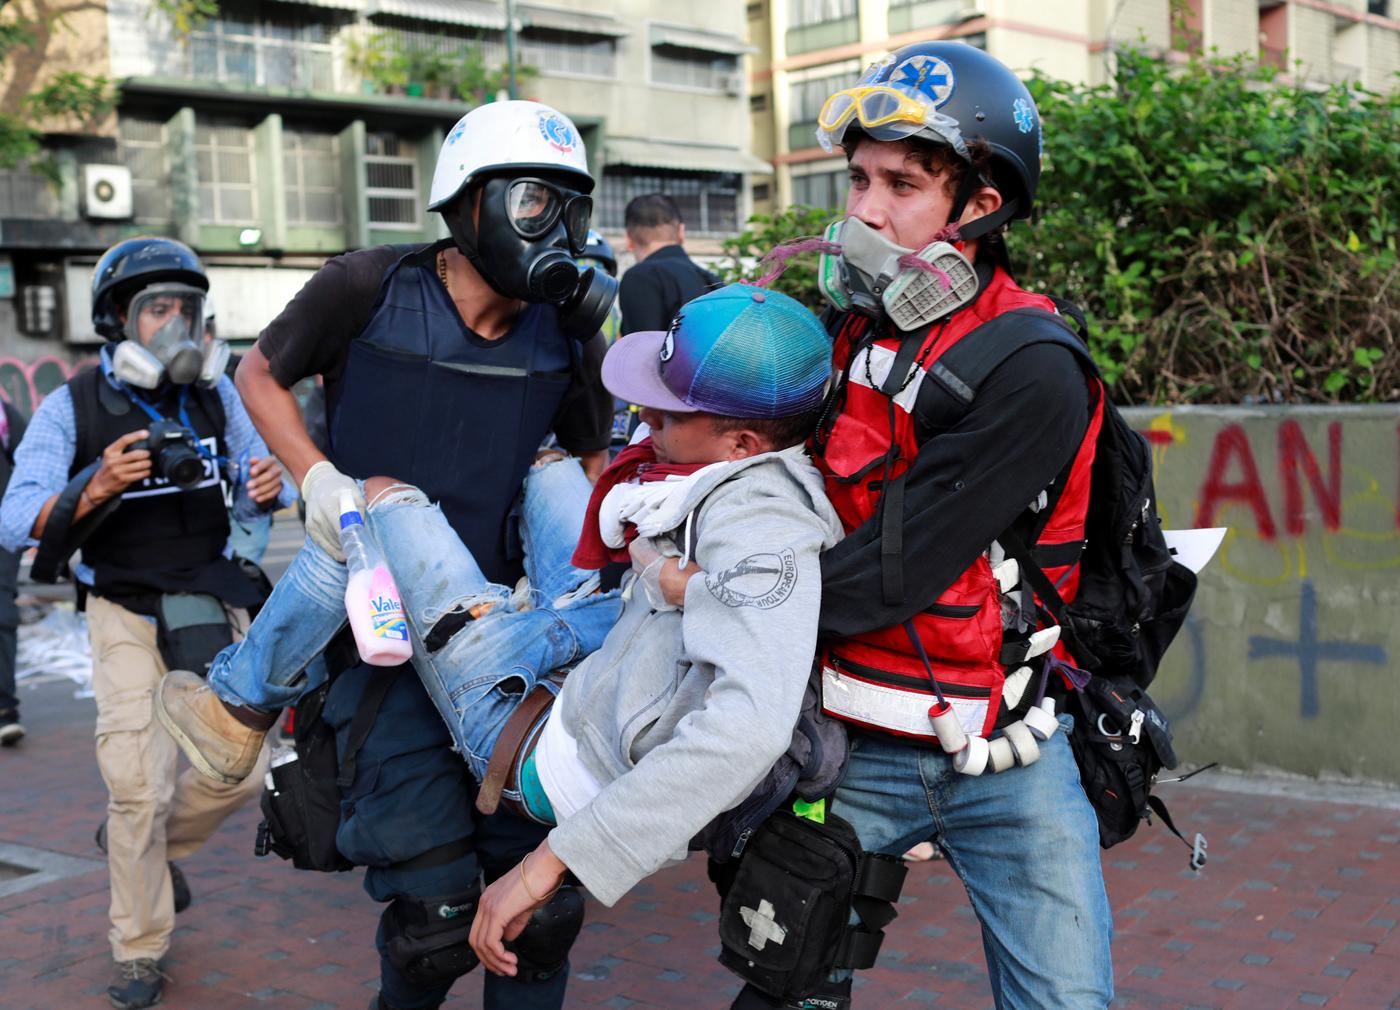 Herido tras la represión /REUTERS/Marco Bello